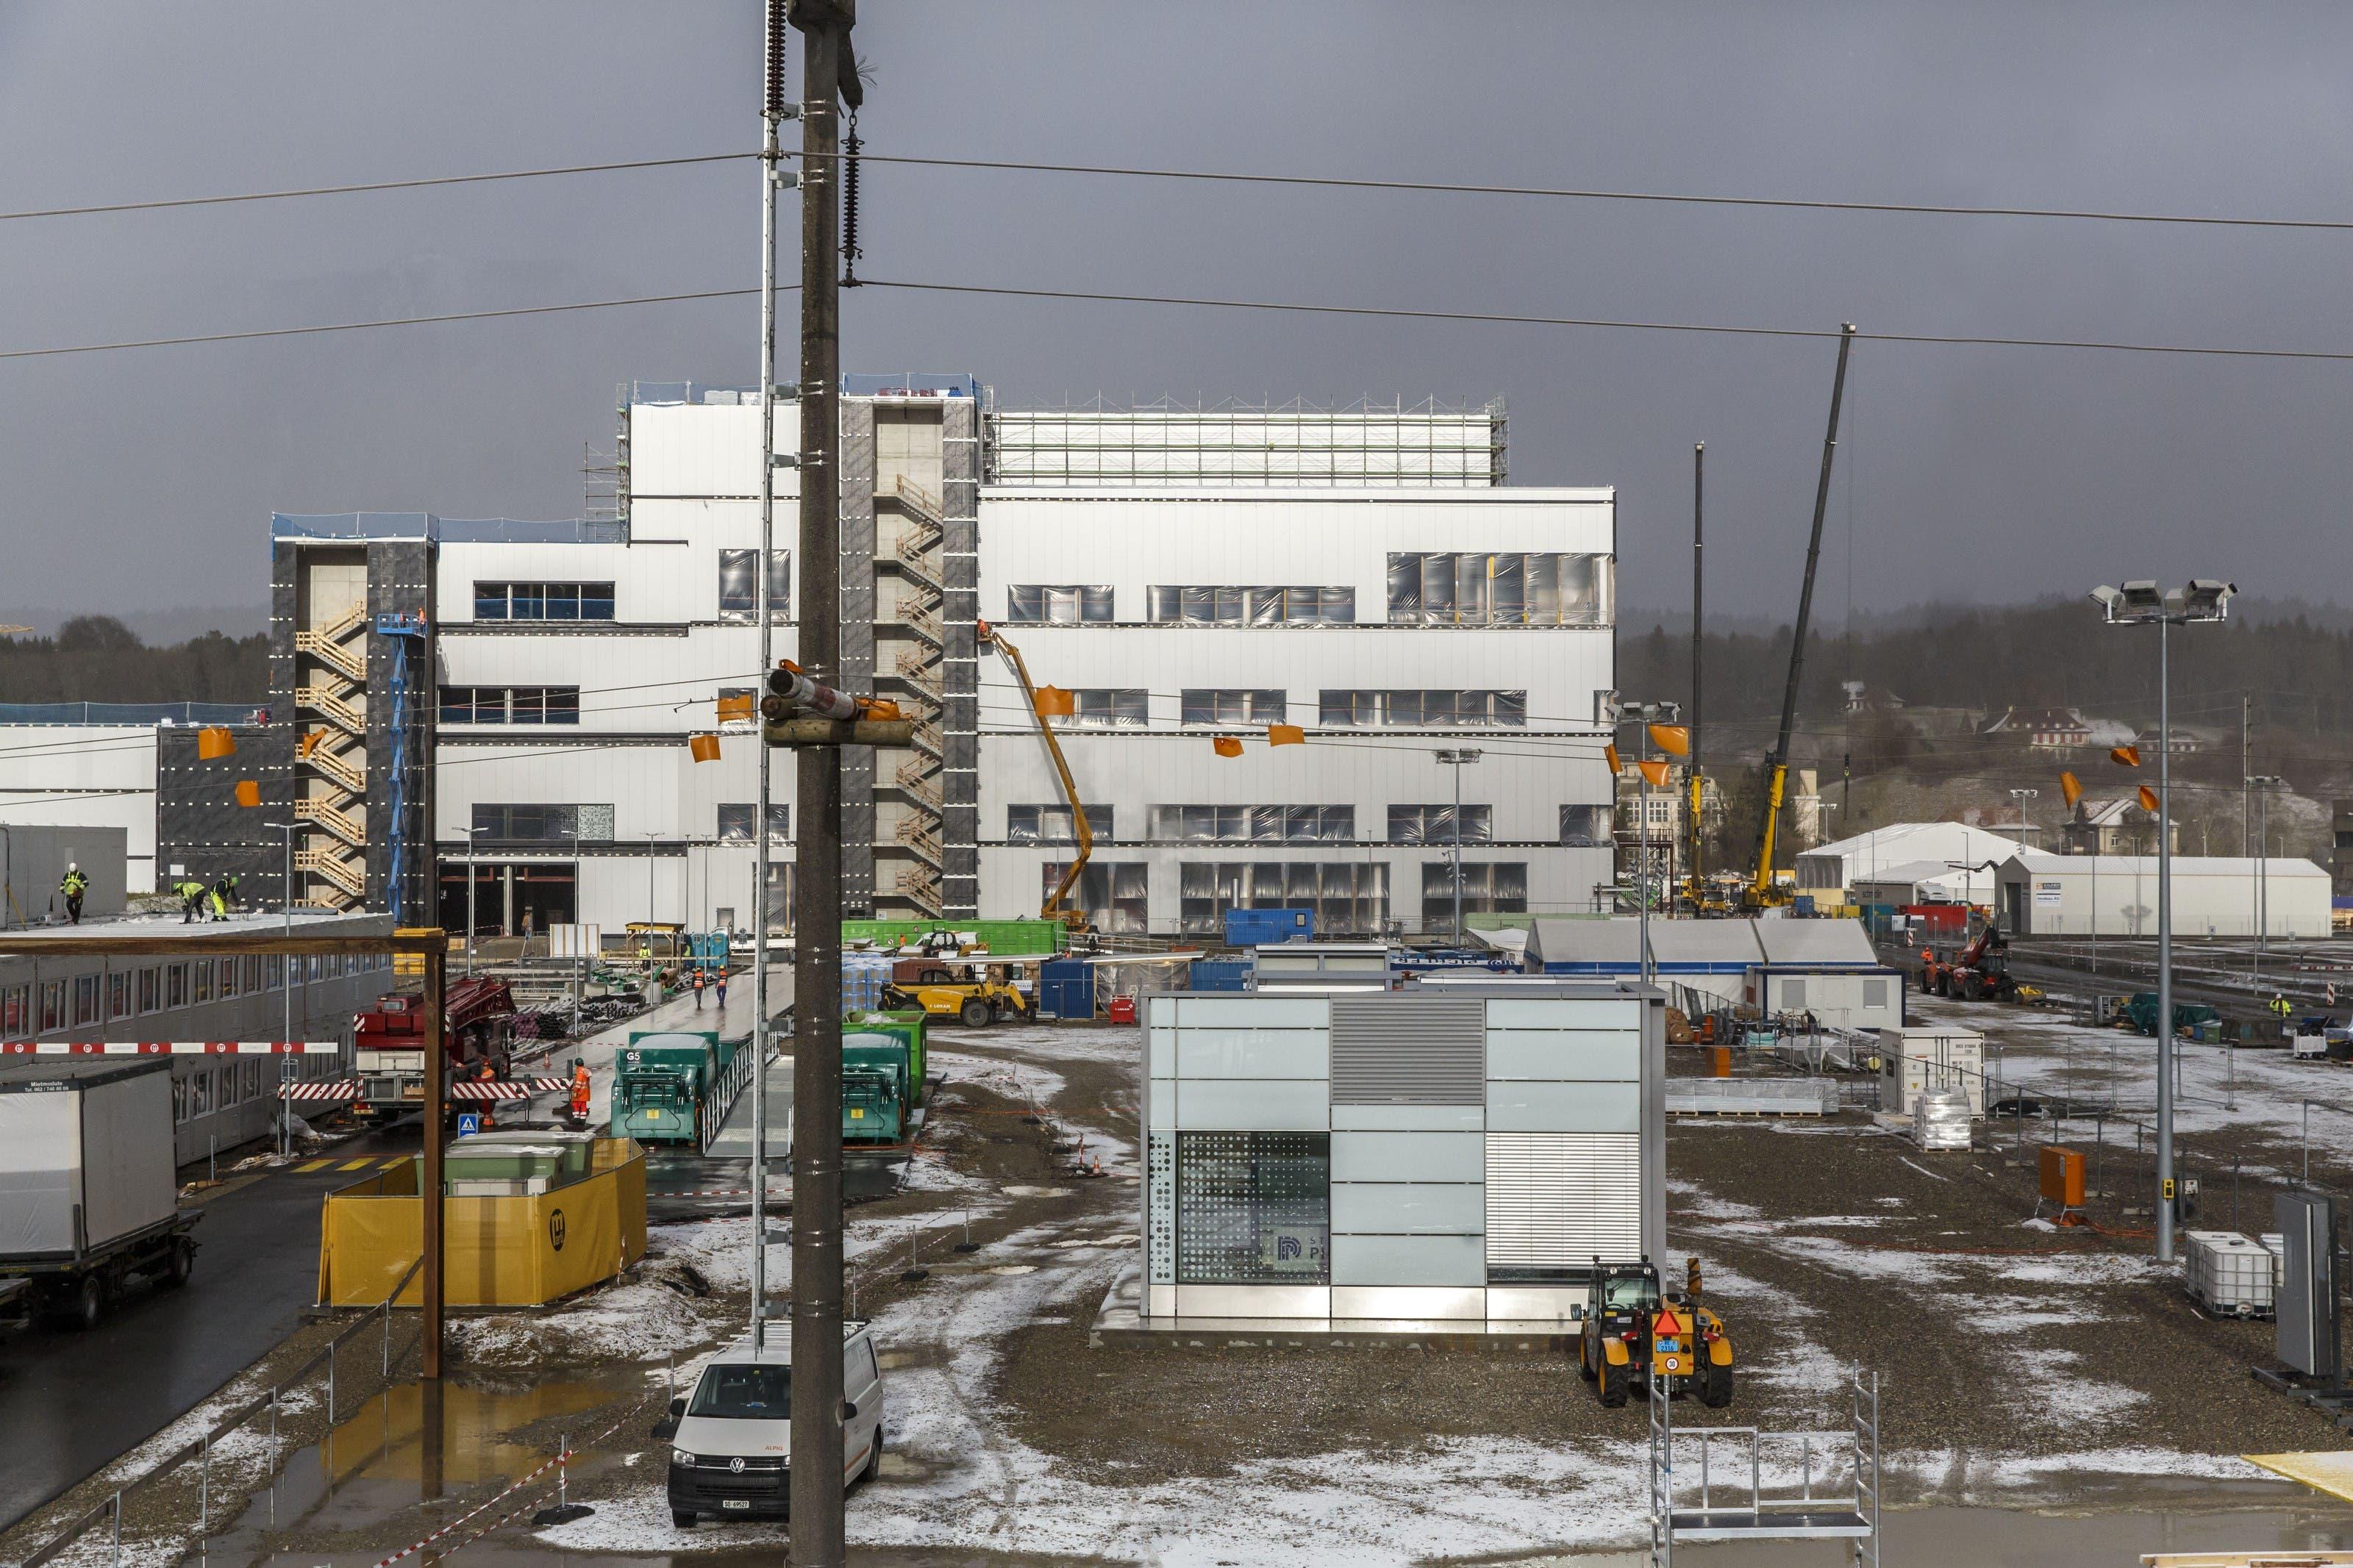 In nur einem Jahr ist auf dem brachliegenden Areal der ehemaligen Zellulosefabrik in Luterbach ein riesiger, 40 Meter hoher Produktionskomplex hochgezogen worden.